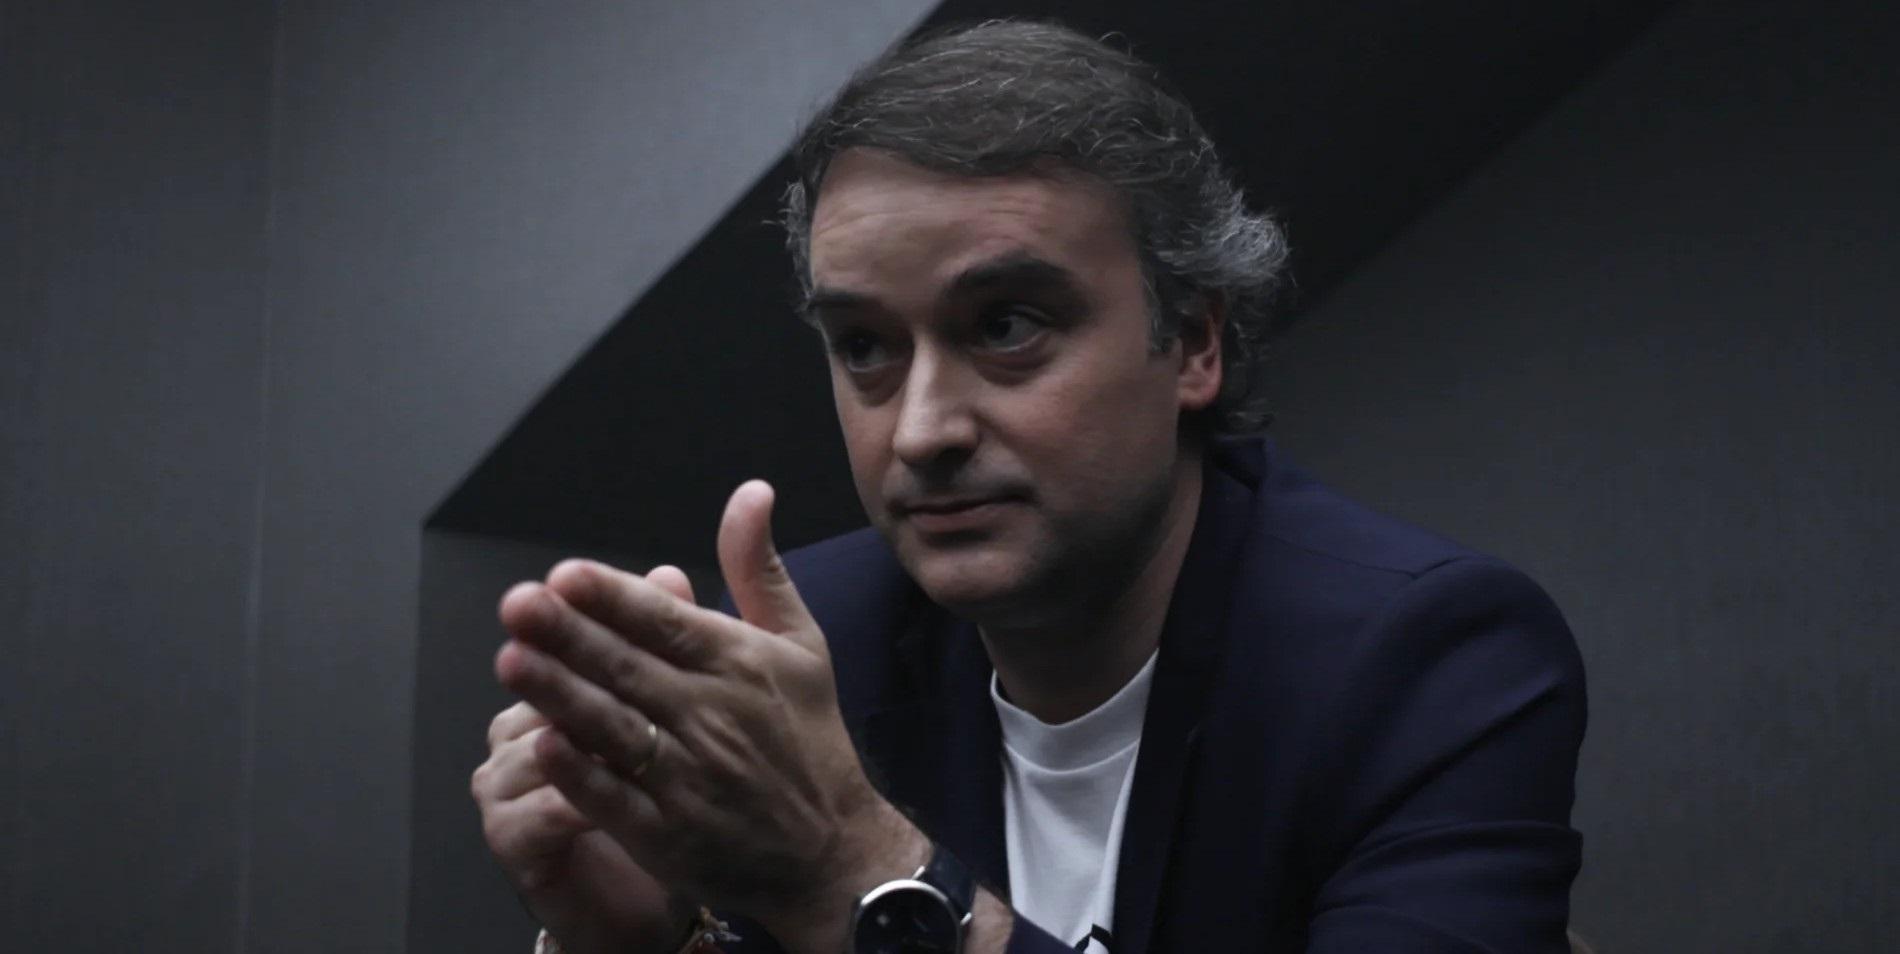 El ex jefe de gabinete del presidente ha concedido una entrevista Jordi Évole. / La Sexta